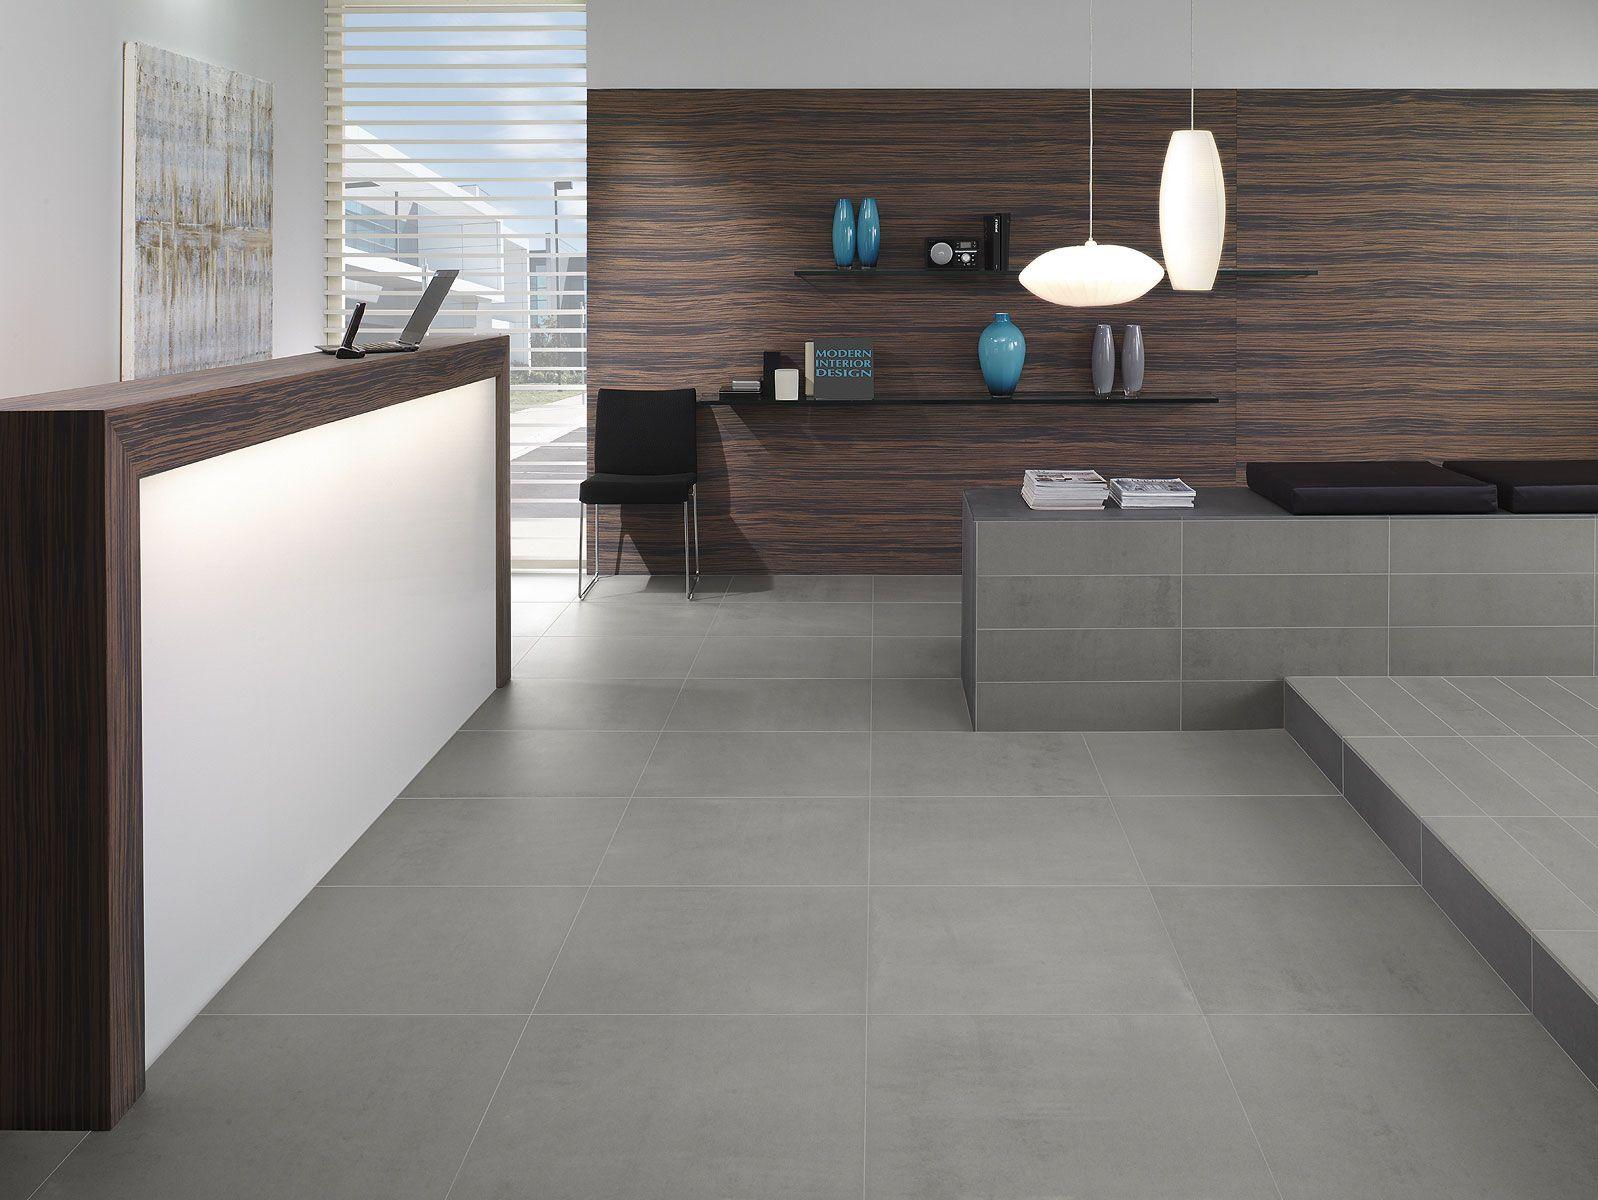 Carrelage Design Pour Sol Interieur Pure Line De Villeroy Boch